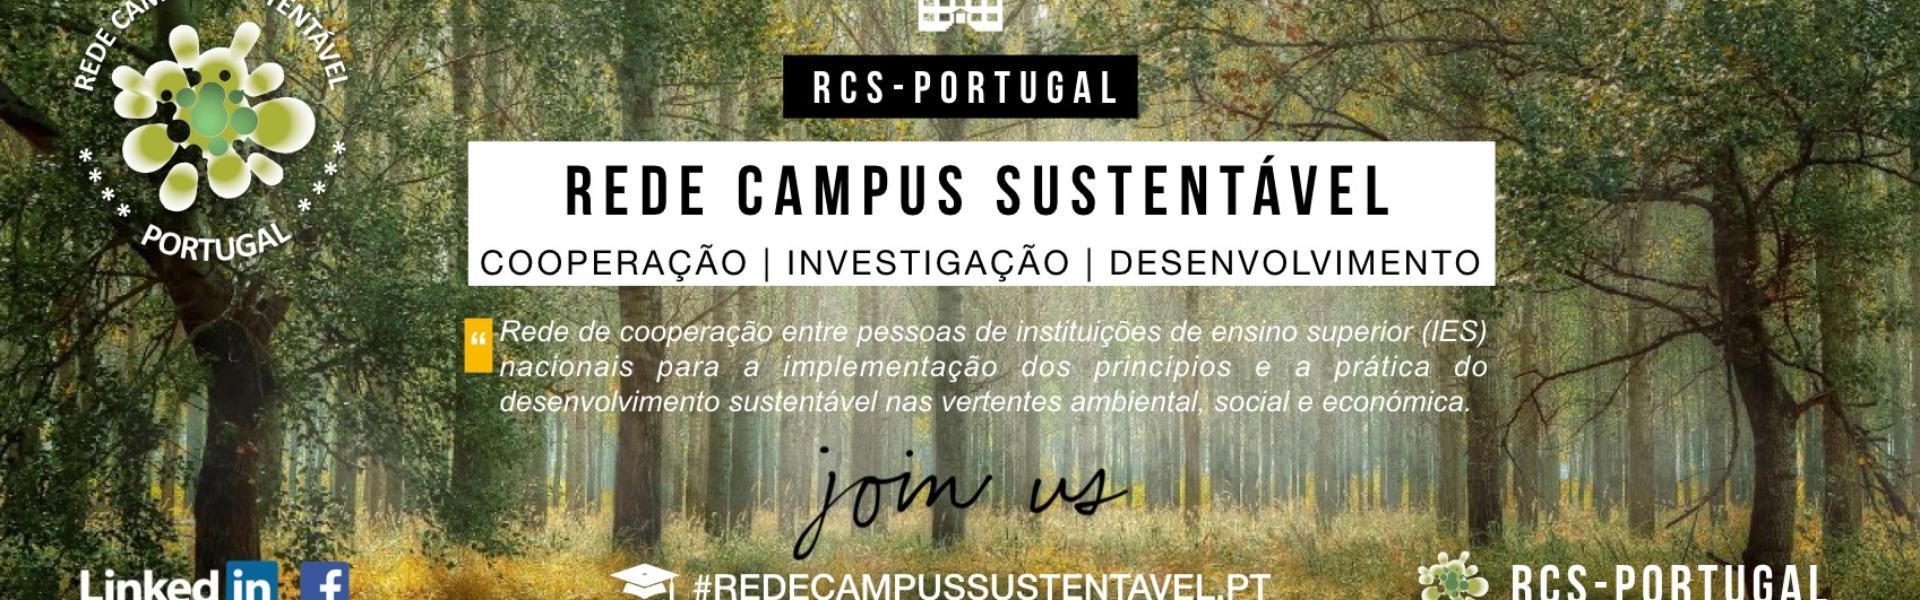 1ª Conferência Campus Sustentável (CCS 2019) | 31 de outubro, 2019